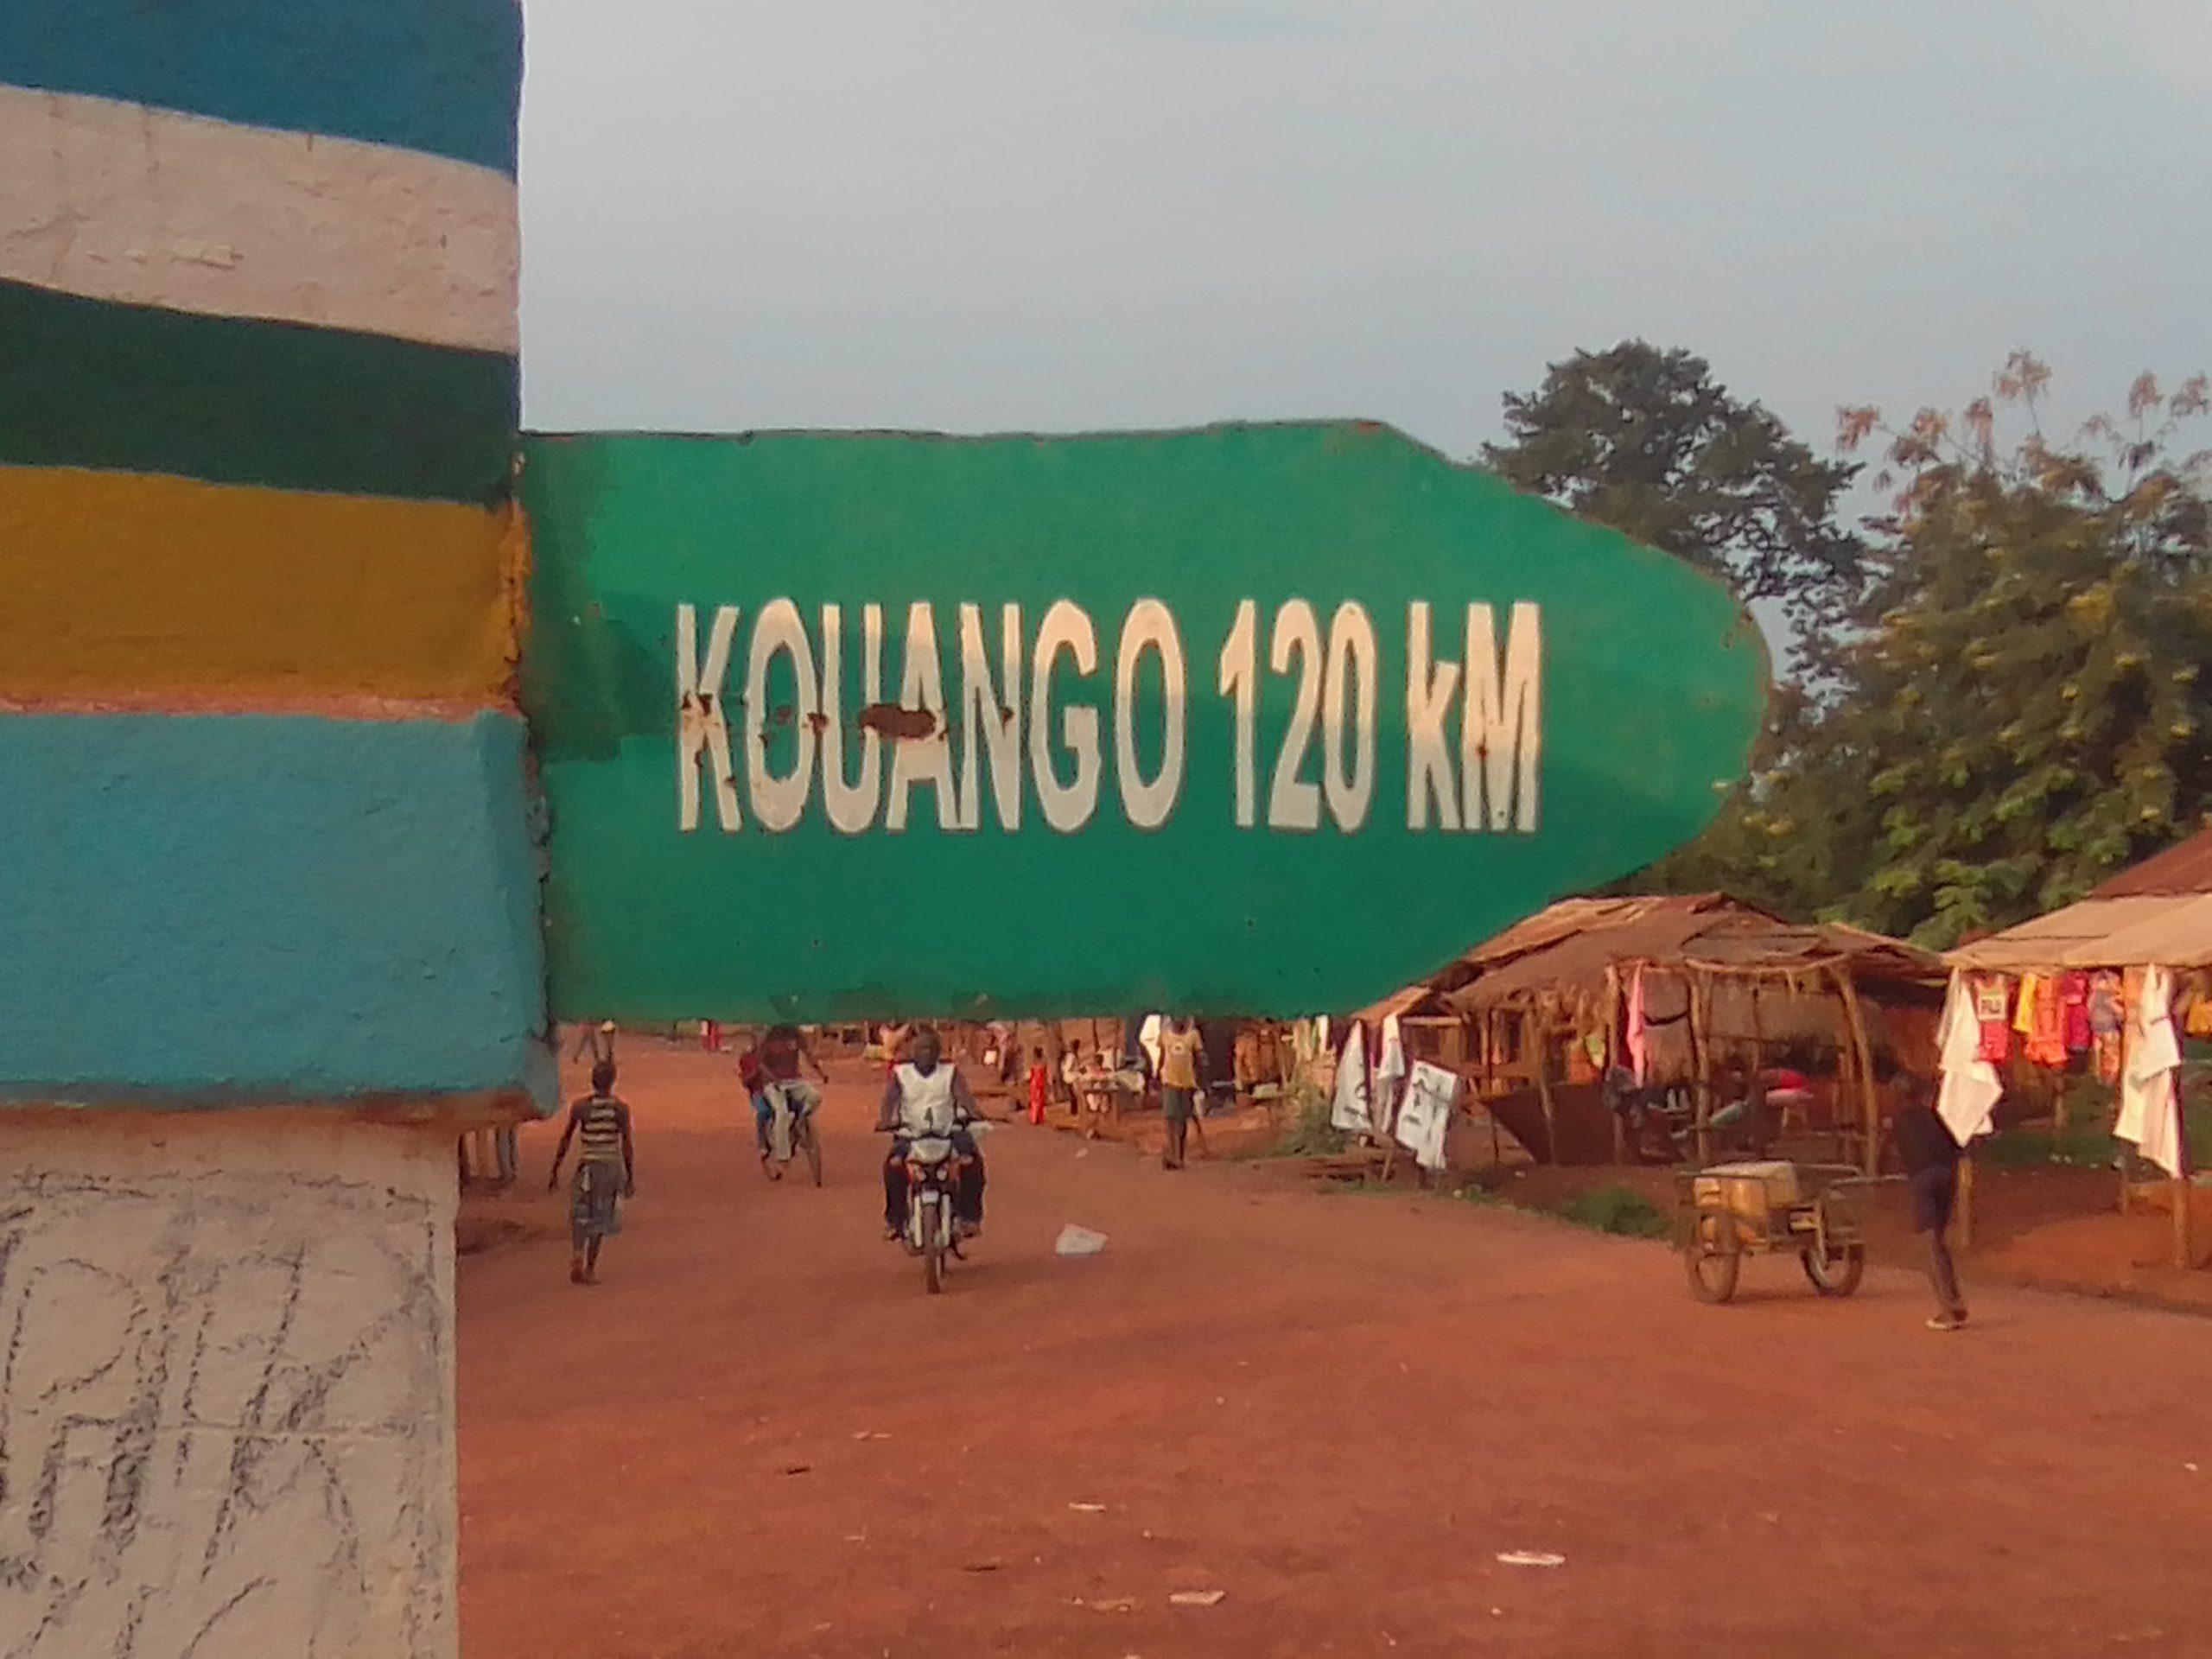 Centrafrique : Les éléments de la CPC à Kouango dans la Ouaka en débandade après l'annonce de l'arrivée des faca et leurs alliés